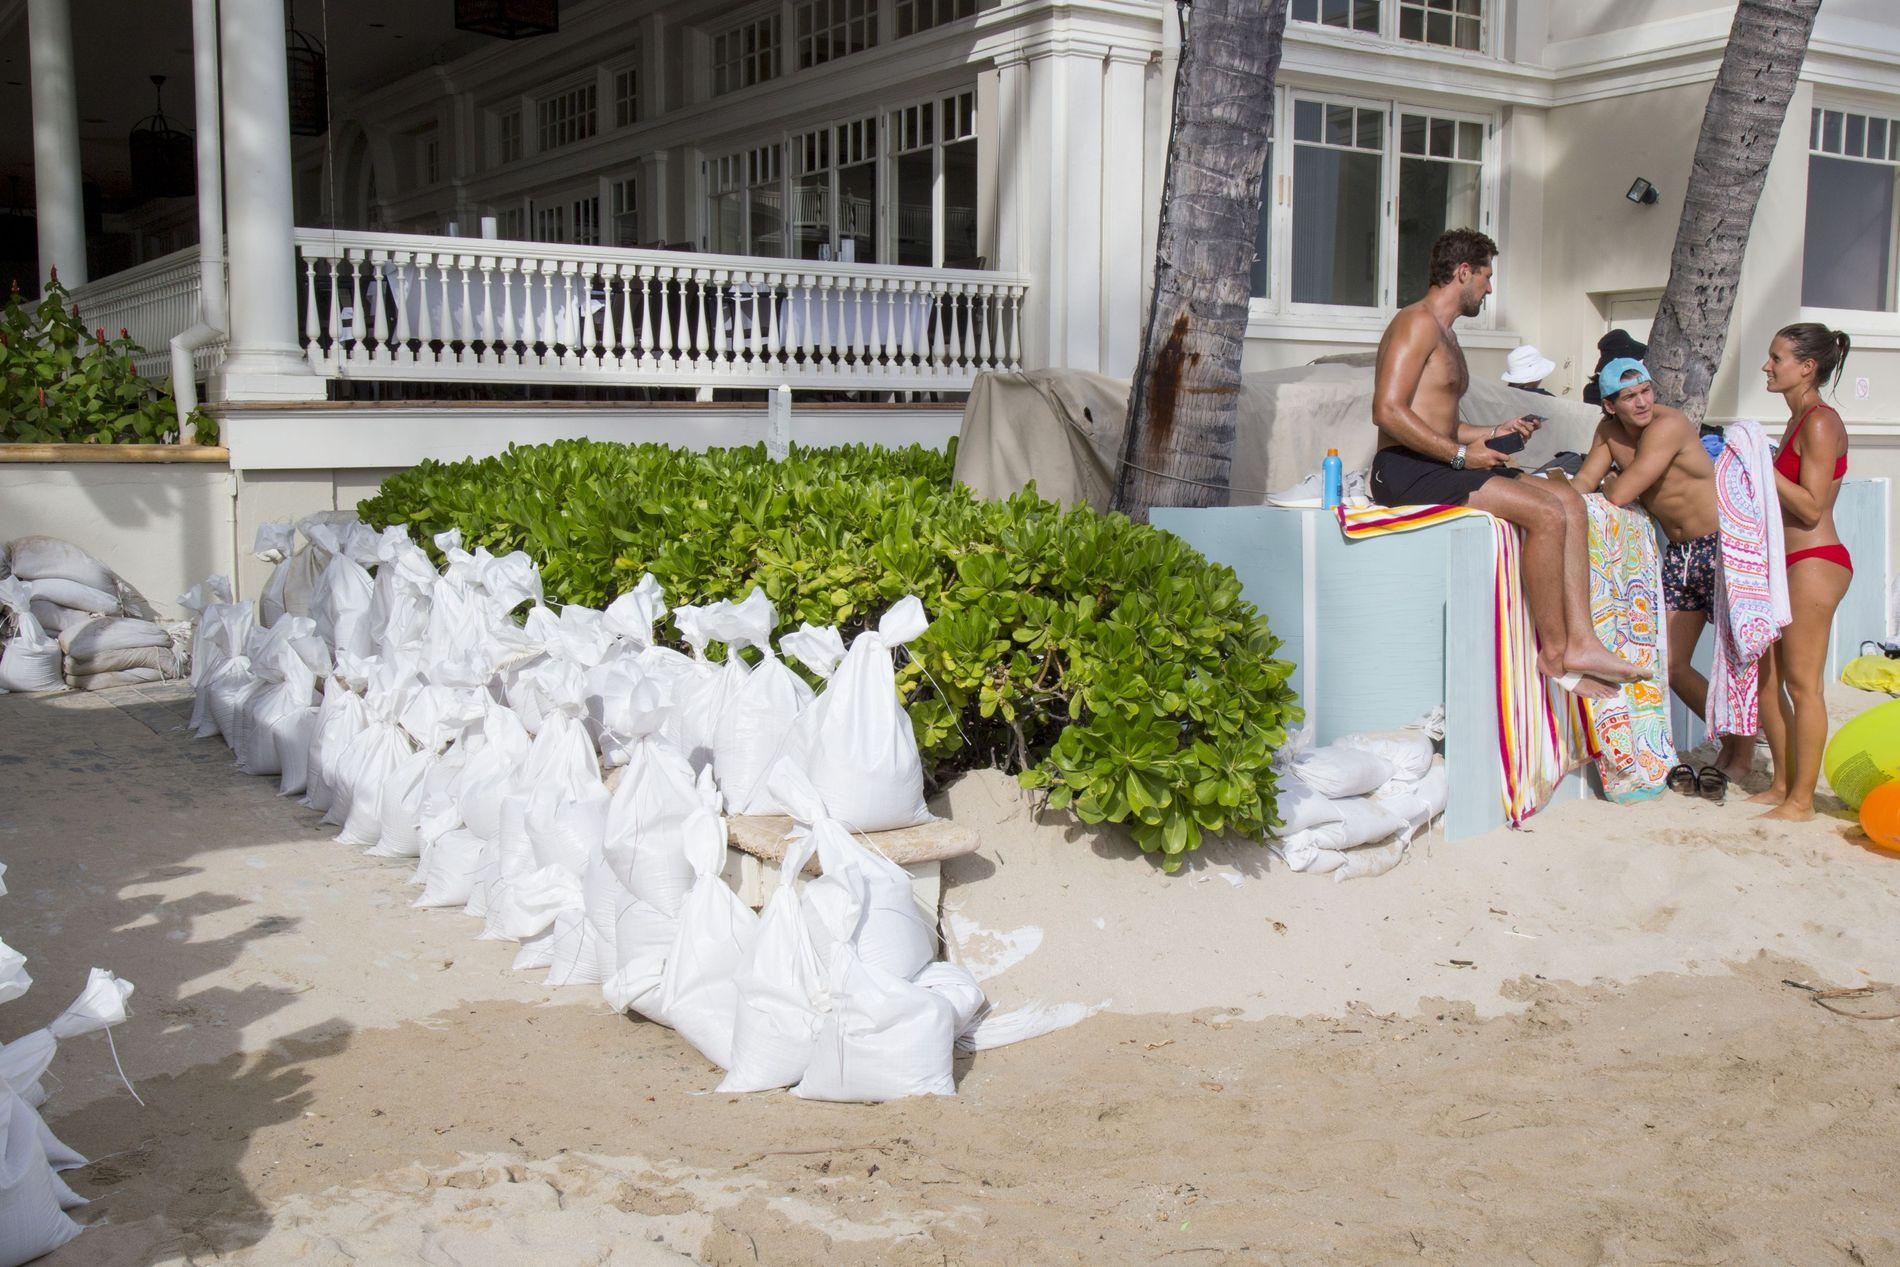 FORBEREDER SEG: Norske Viktoria Vermedal (26) og broren Frikk Vermedal (23) ferierer på Honolulu. De forteller at de føler seg trygge, samtidig som de forbereder seg på at orkanen kan treffe land. Her er søskenparet (t.h.) avbildet foran Moana Surfrider Hotel, der sandsekker er satt opp for å forhindre oversvømming.